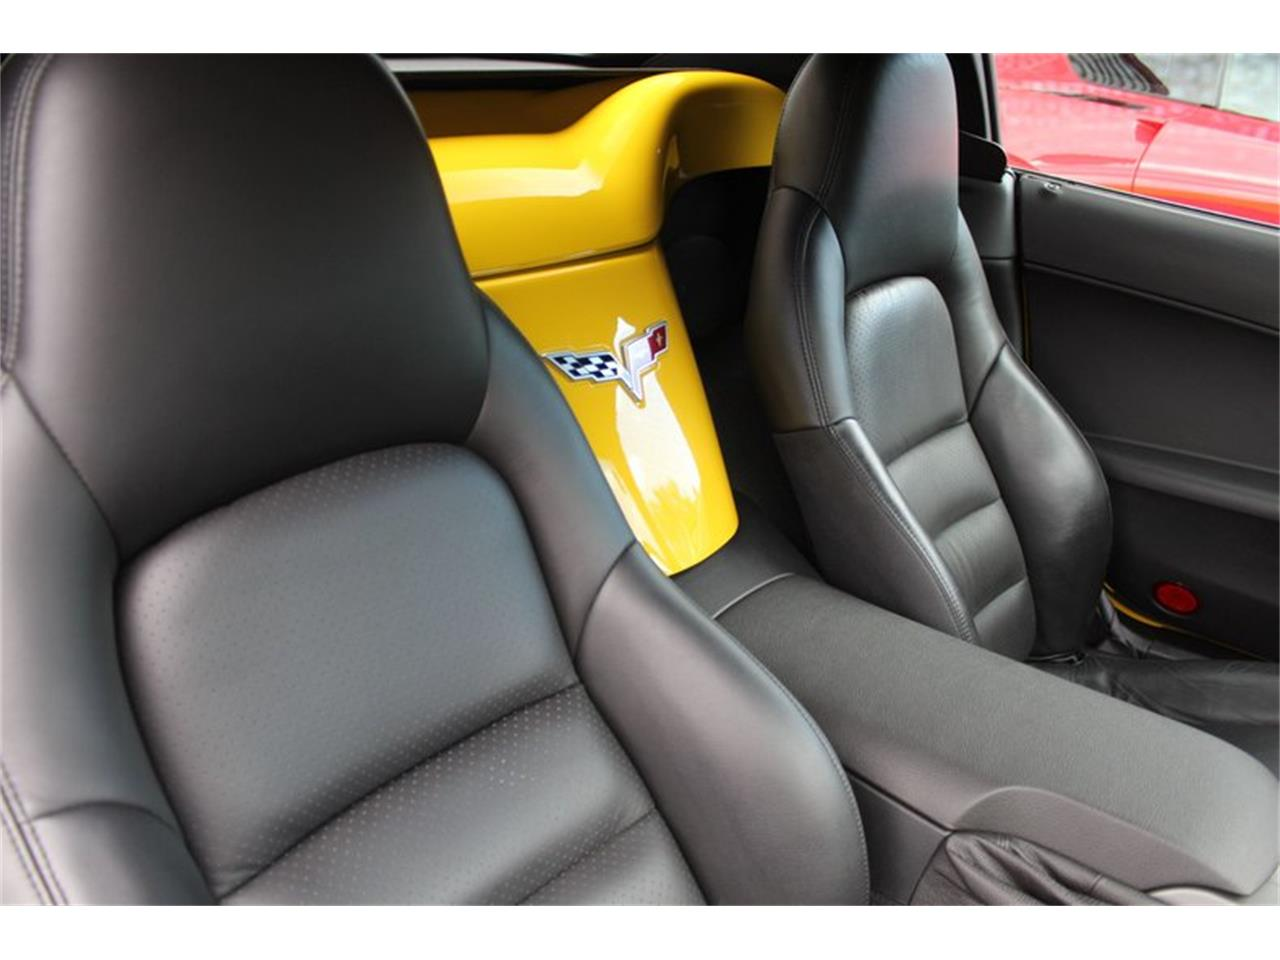 2007 Chevrolet Corvette (CC-1360762) for sale in Clifton Park, New York